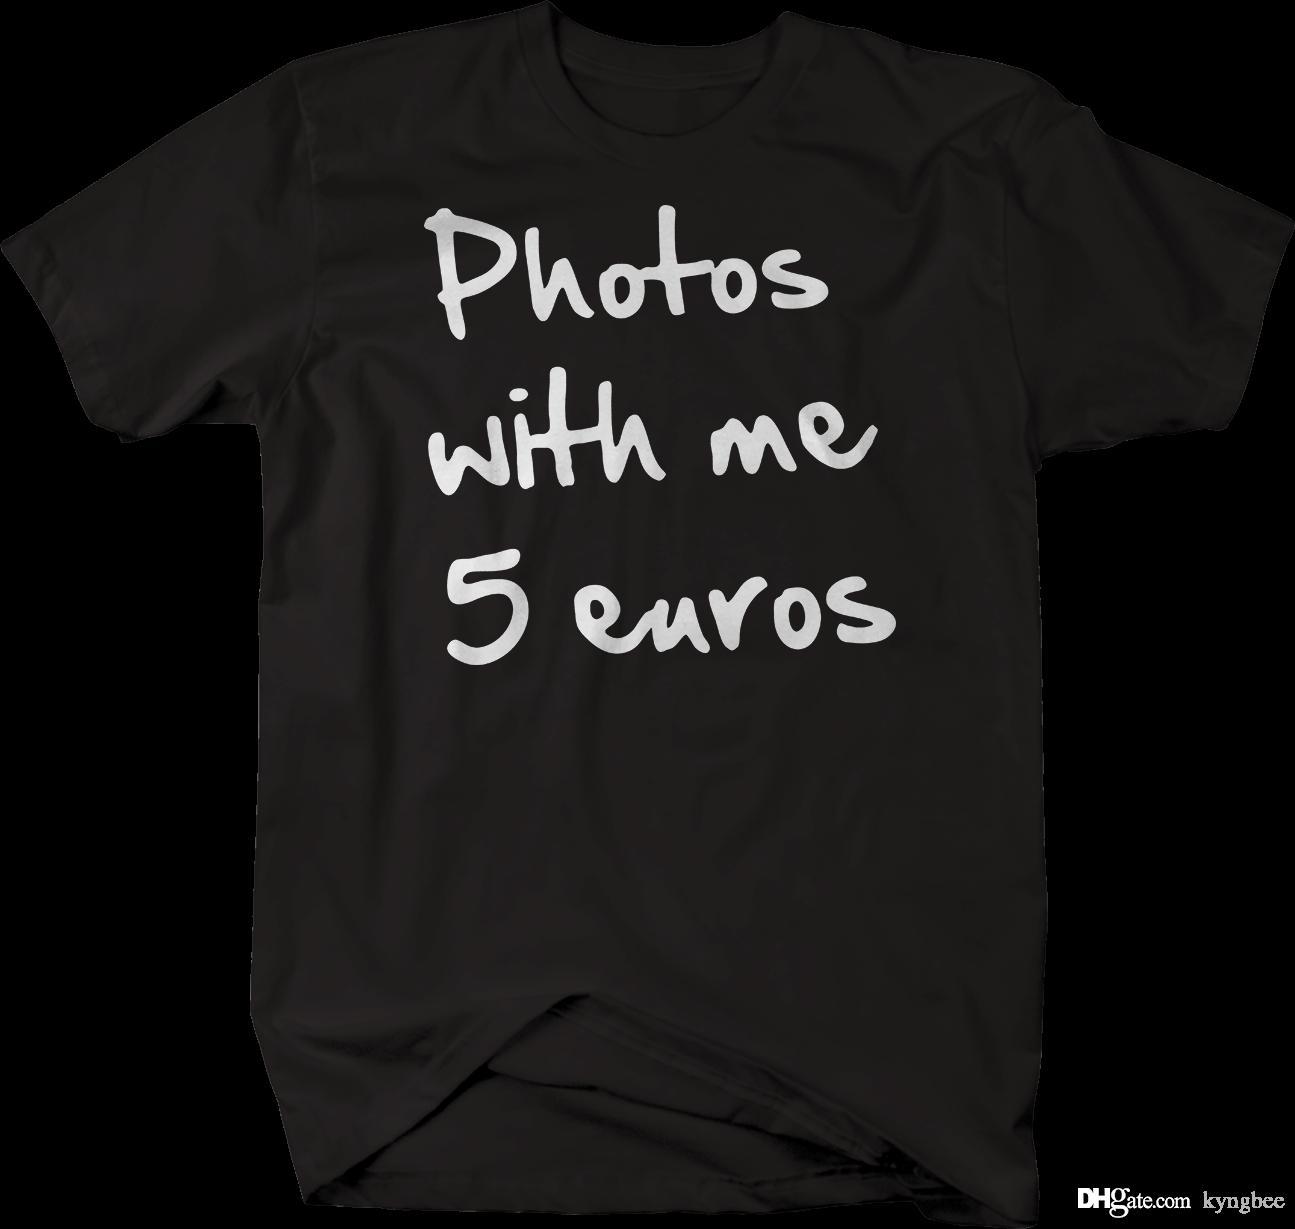 14aa653579 Fotos mit mir 5 Euro lustiges T-Shirt